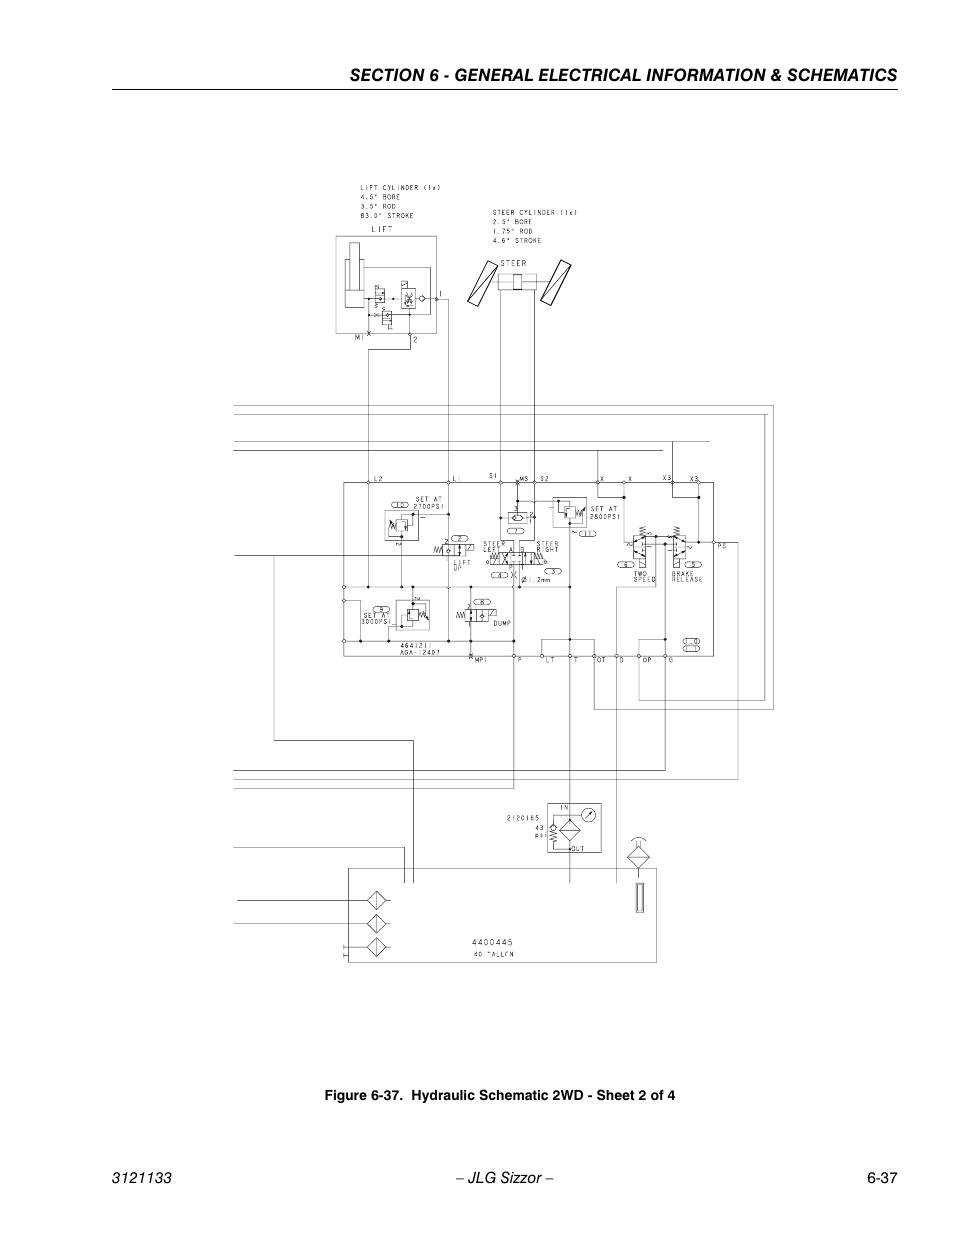 jlg cm2546 wiring diagram - wiring diagram and schematics jlg battery charger wiring schematic 3394rt jlg wiring schematic #6